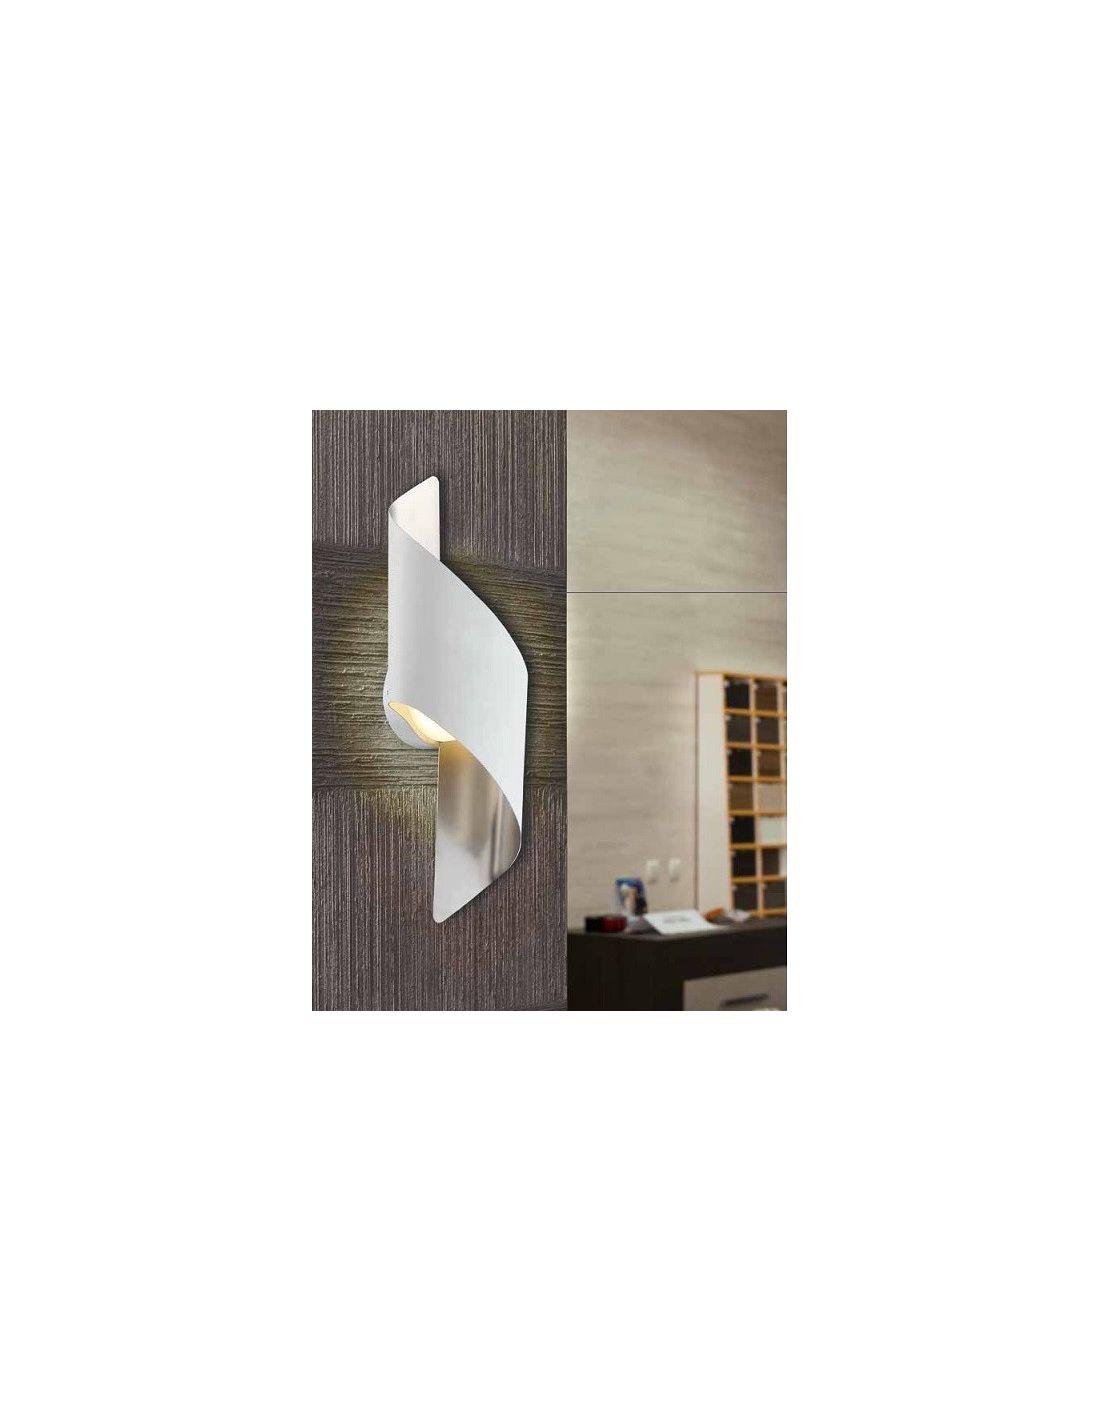 Aplique led blanco cromo env o r pido y seguro - Apliques pared diseno ...